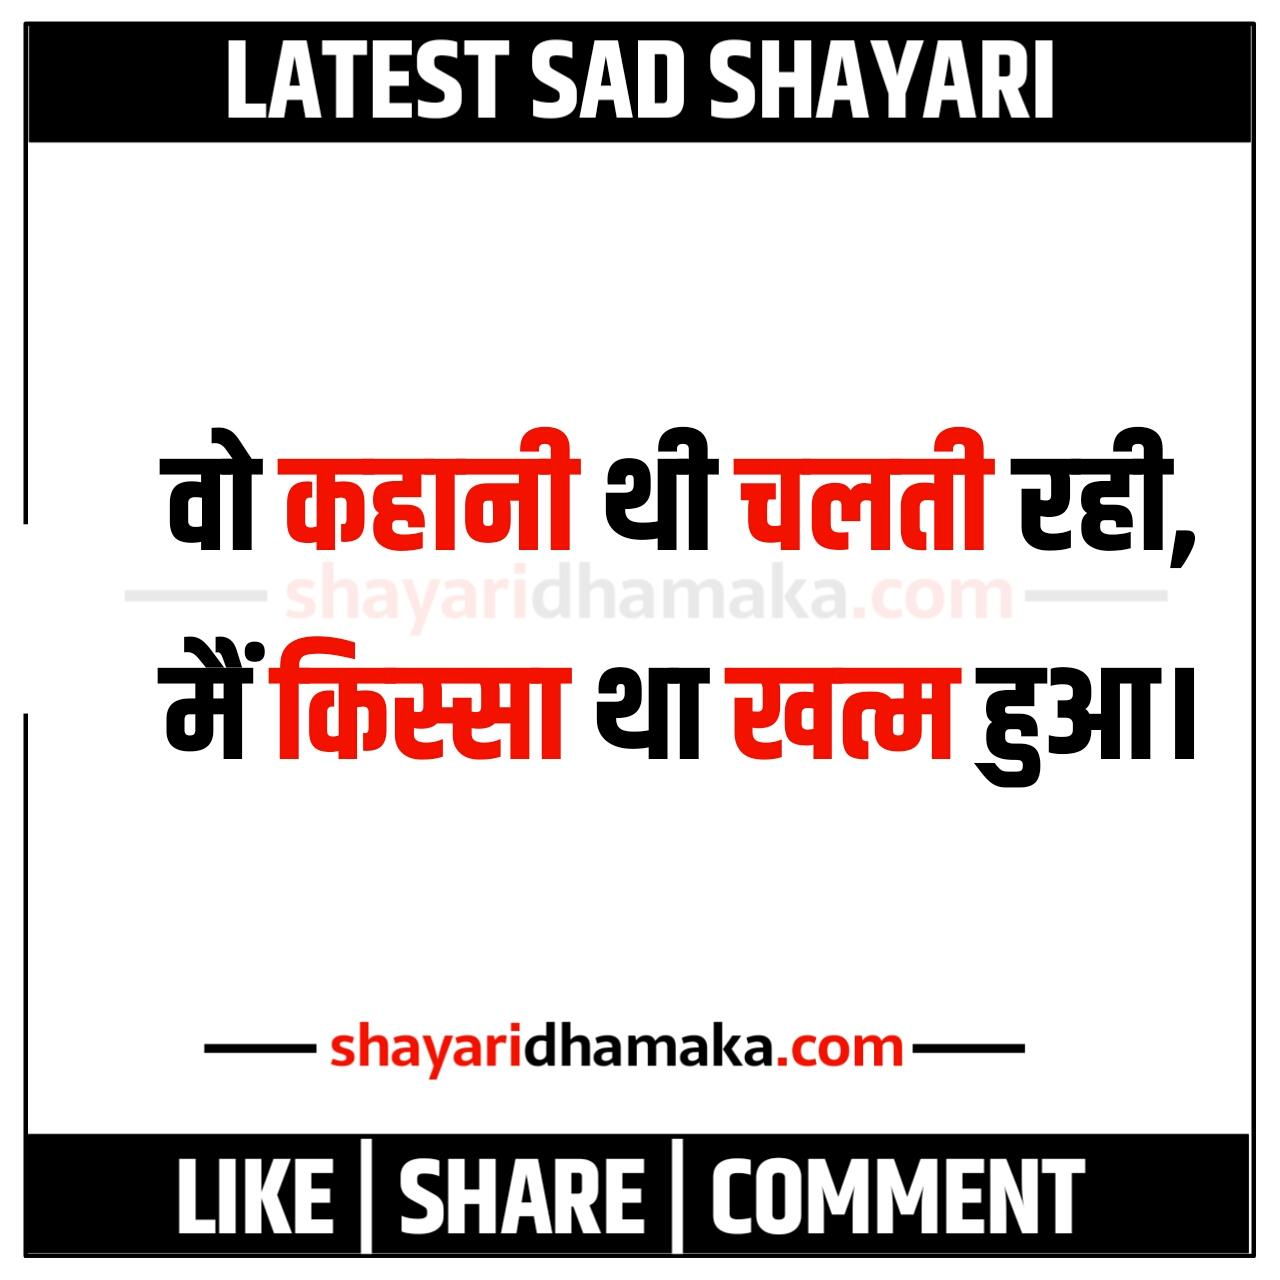 वो कहानी थी चलती रही - Latest Sad Shayari